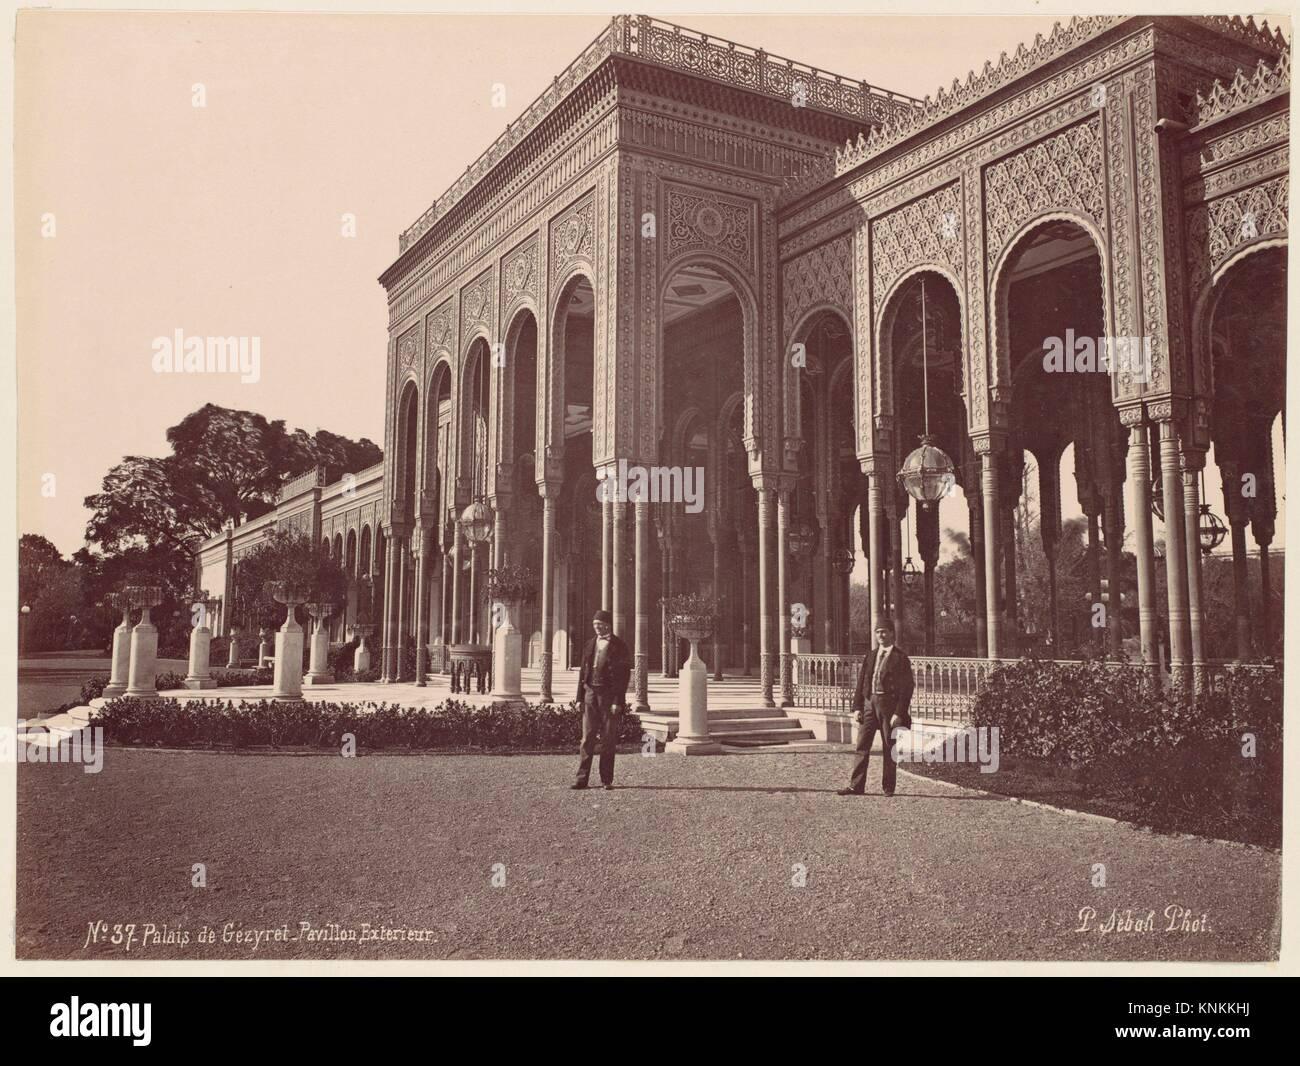 Palais de Gézyret, Pavillon Exterieur. Artist: J. Pascal Sébah (Turkish); Date: 1870s; Medium: Albumen - Stock Image